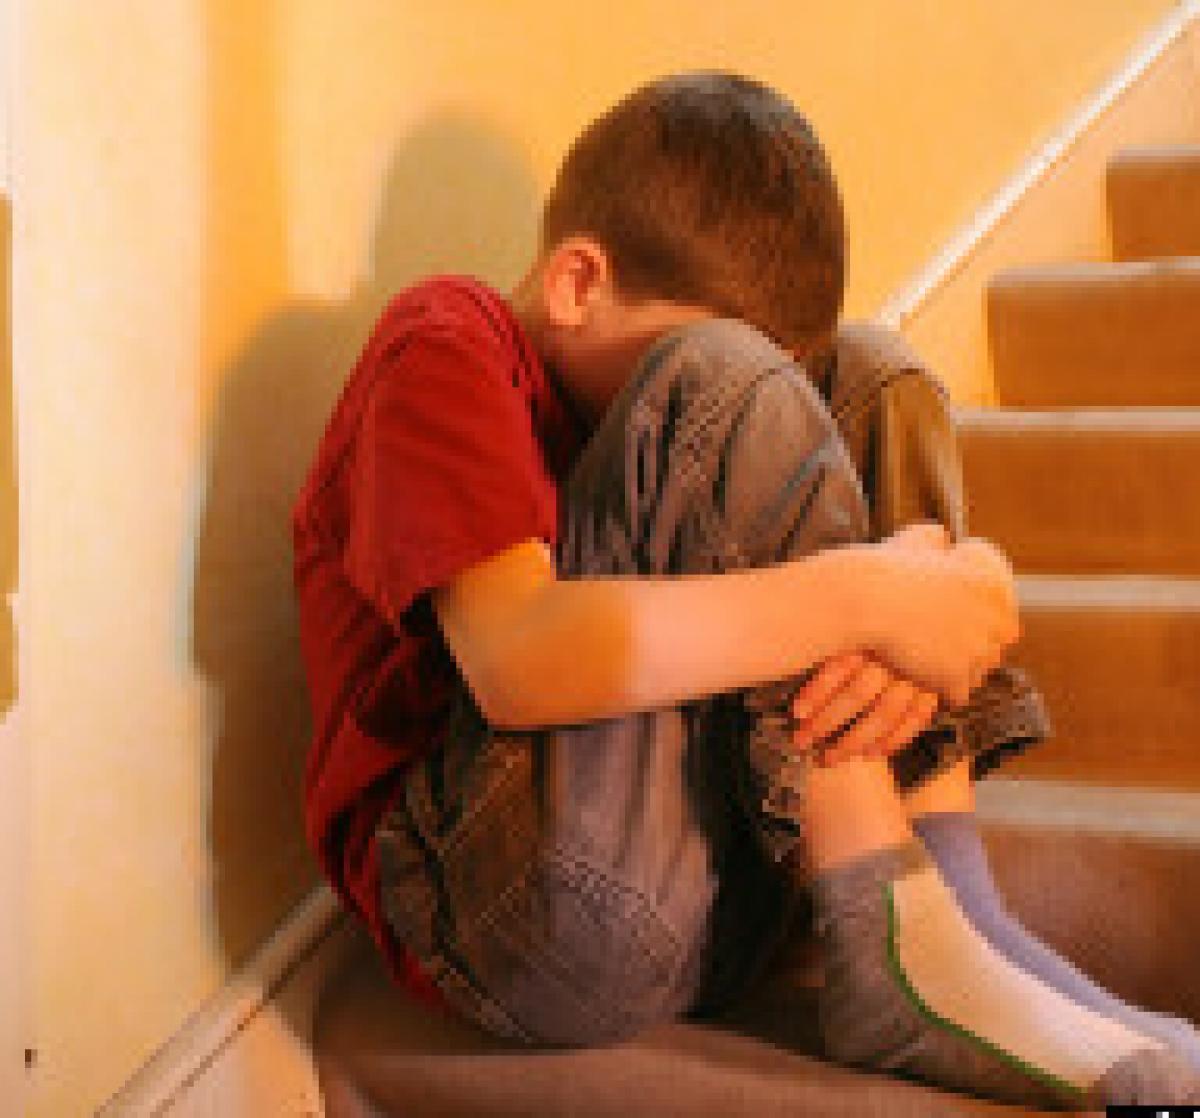 Αναγνωρίζοντας τα σημάδια του αυτισμού στο γιο μου: Γιατί δεν είδα τις προειδοποιήσεις;